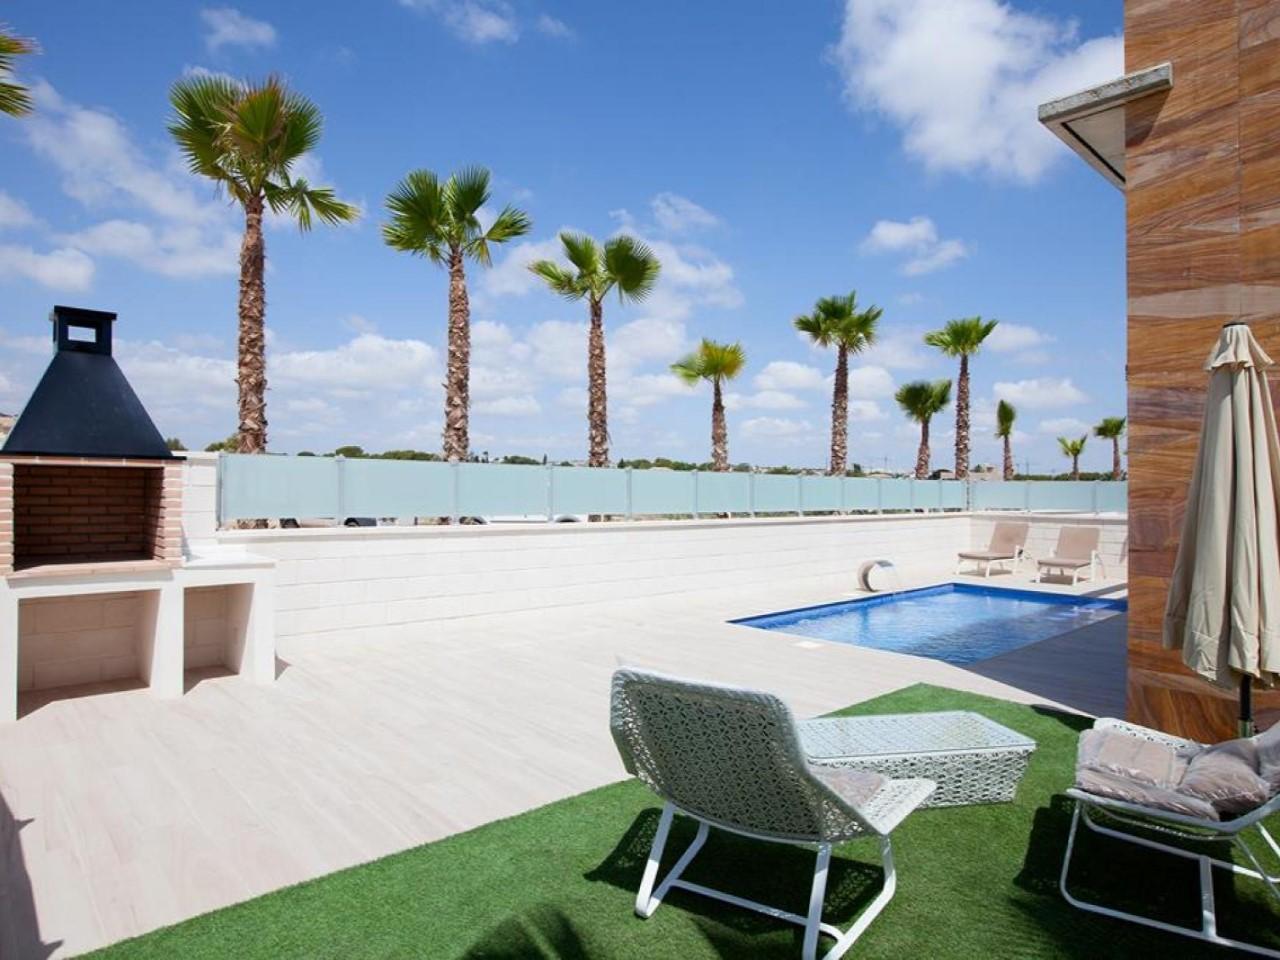 Villa avec piscine privée, solarium et vue sur la mer